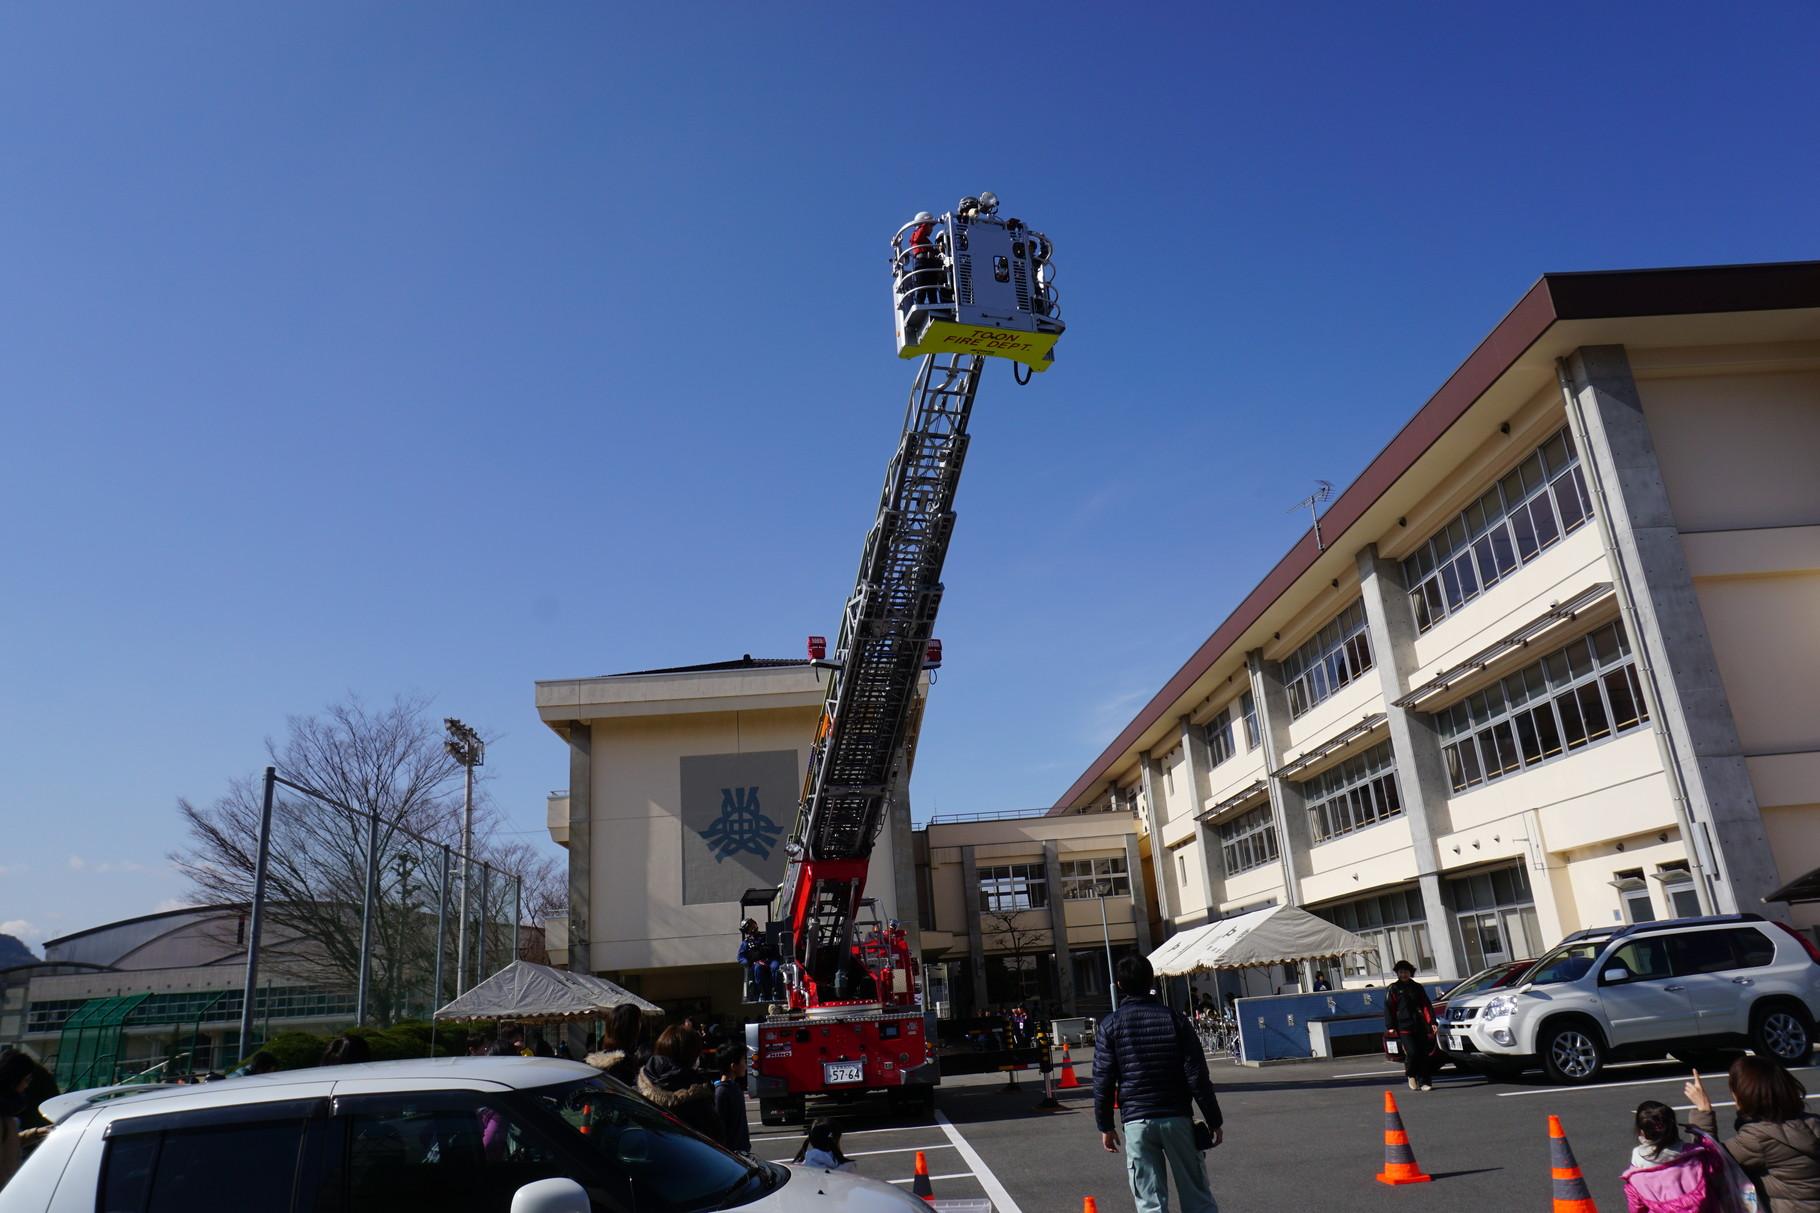 東温消防署協力のはしご車体験